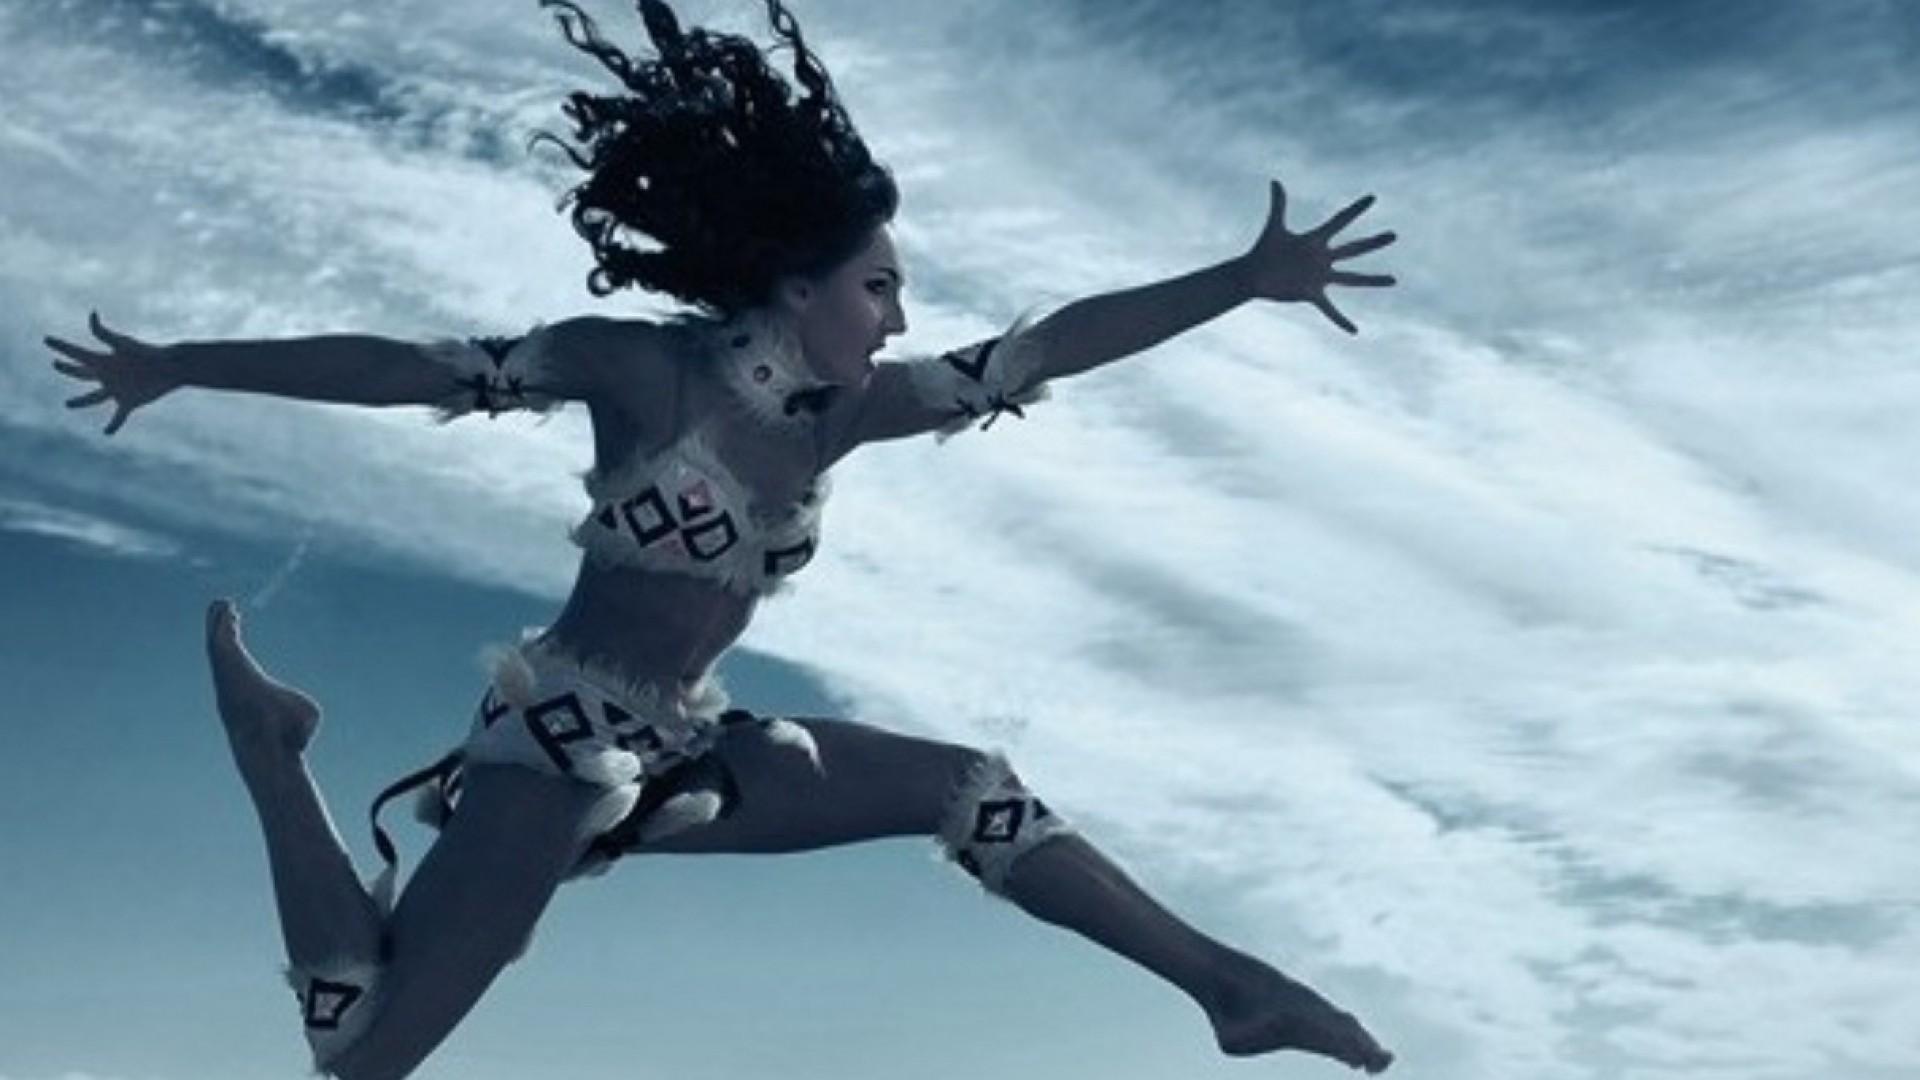 «Природа движения»: автопортрет от Сергея Суховея